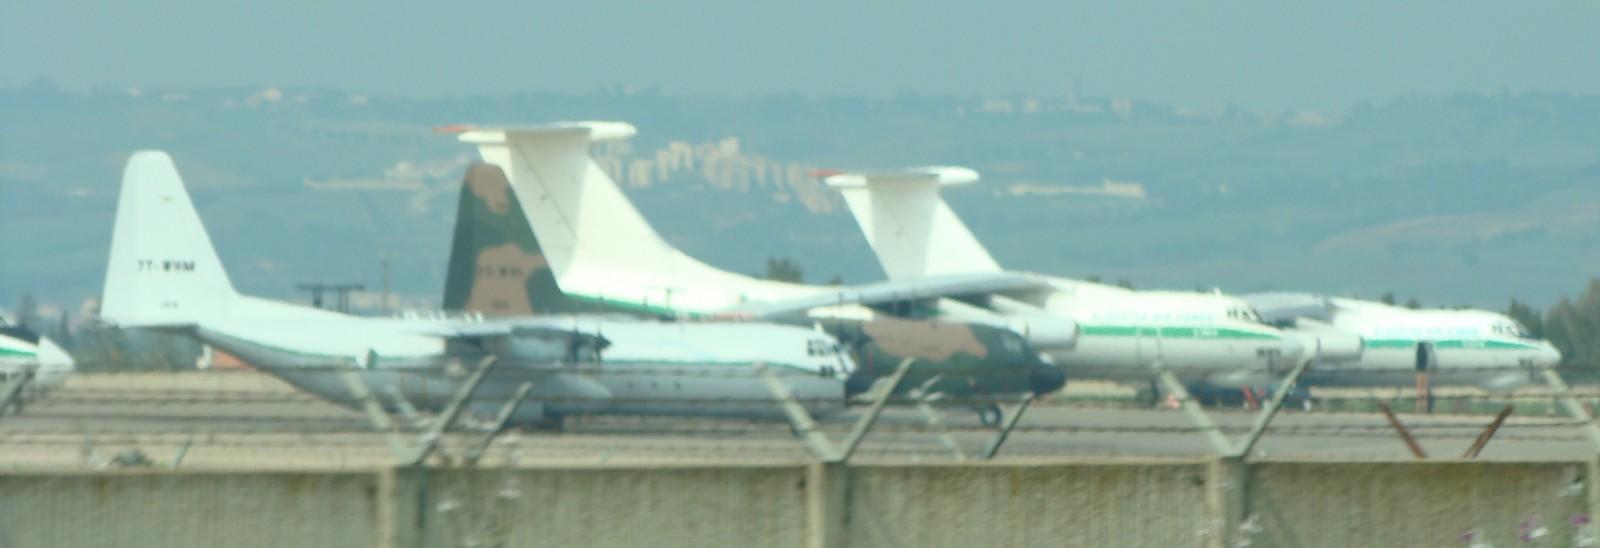 طائرة النقل والتزود بالوقود Il76/78 - صفحة 2 Dsc01410